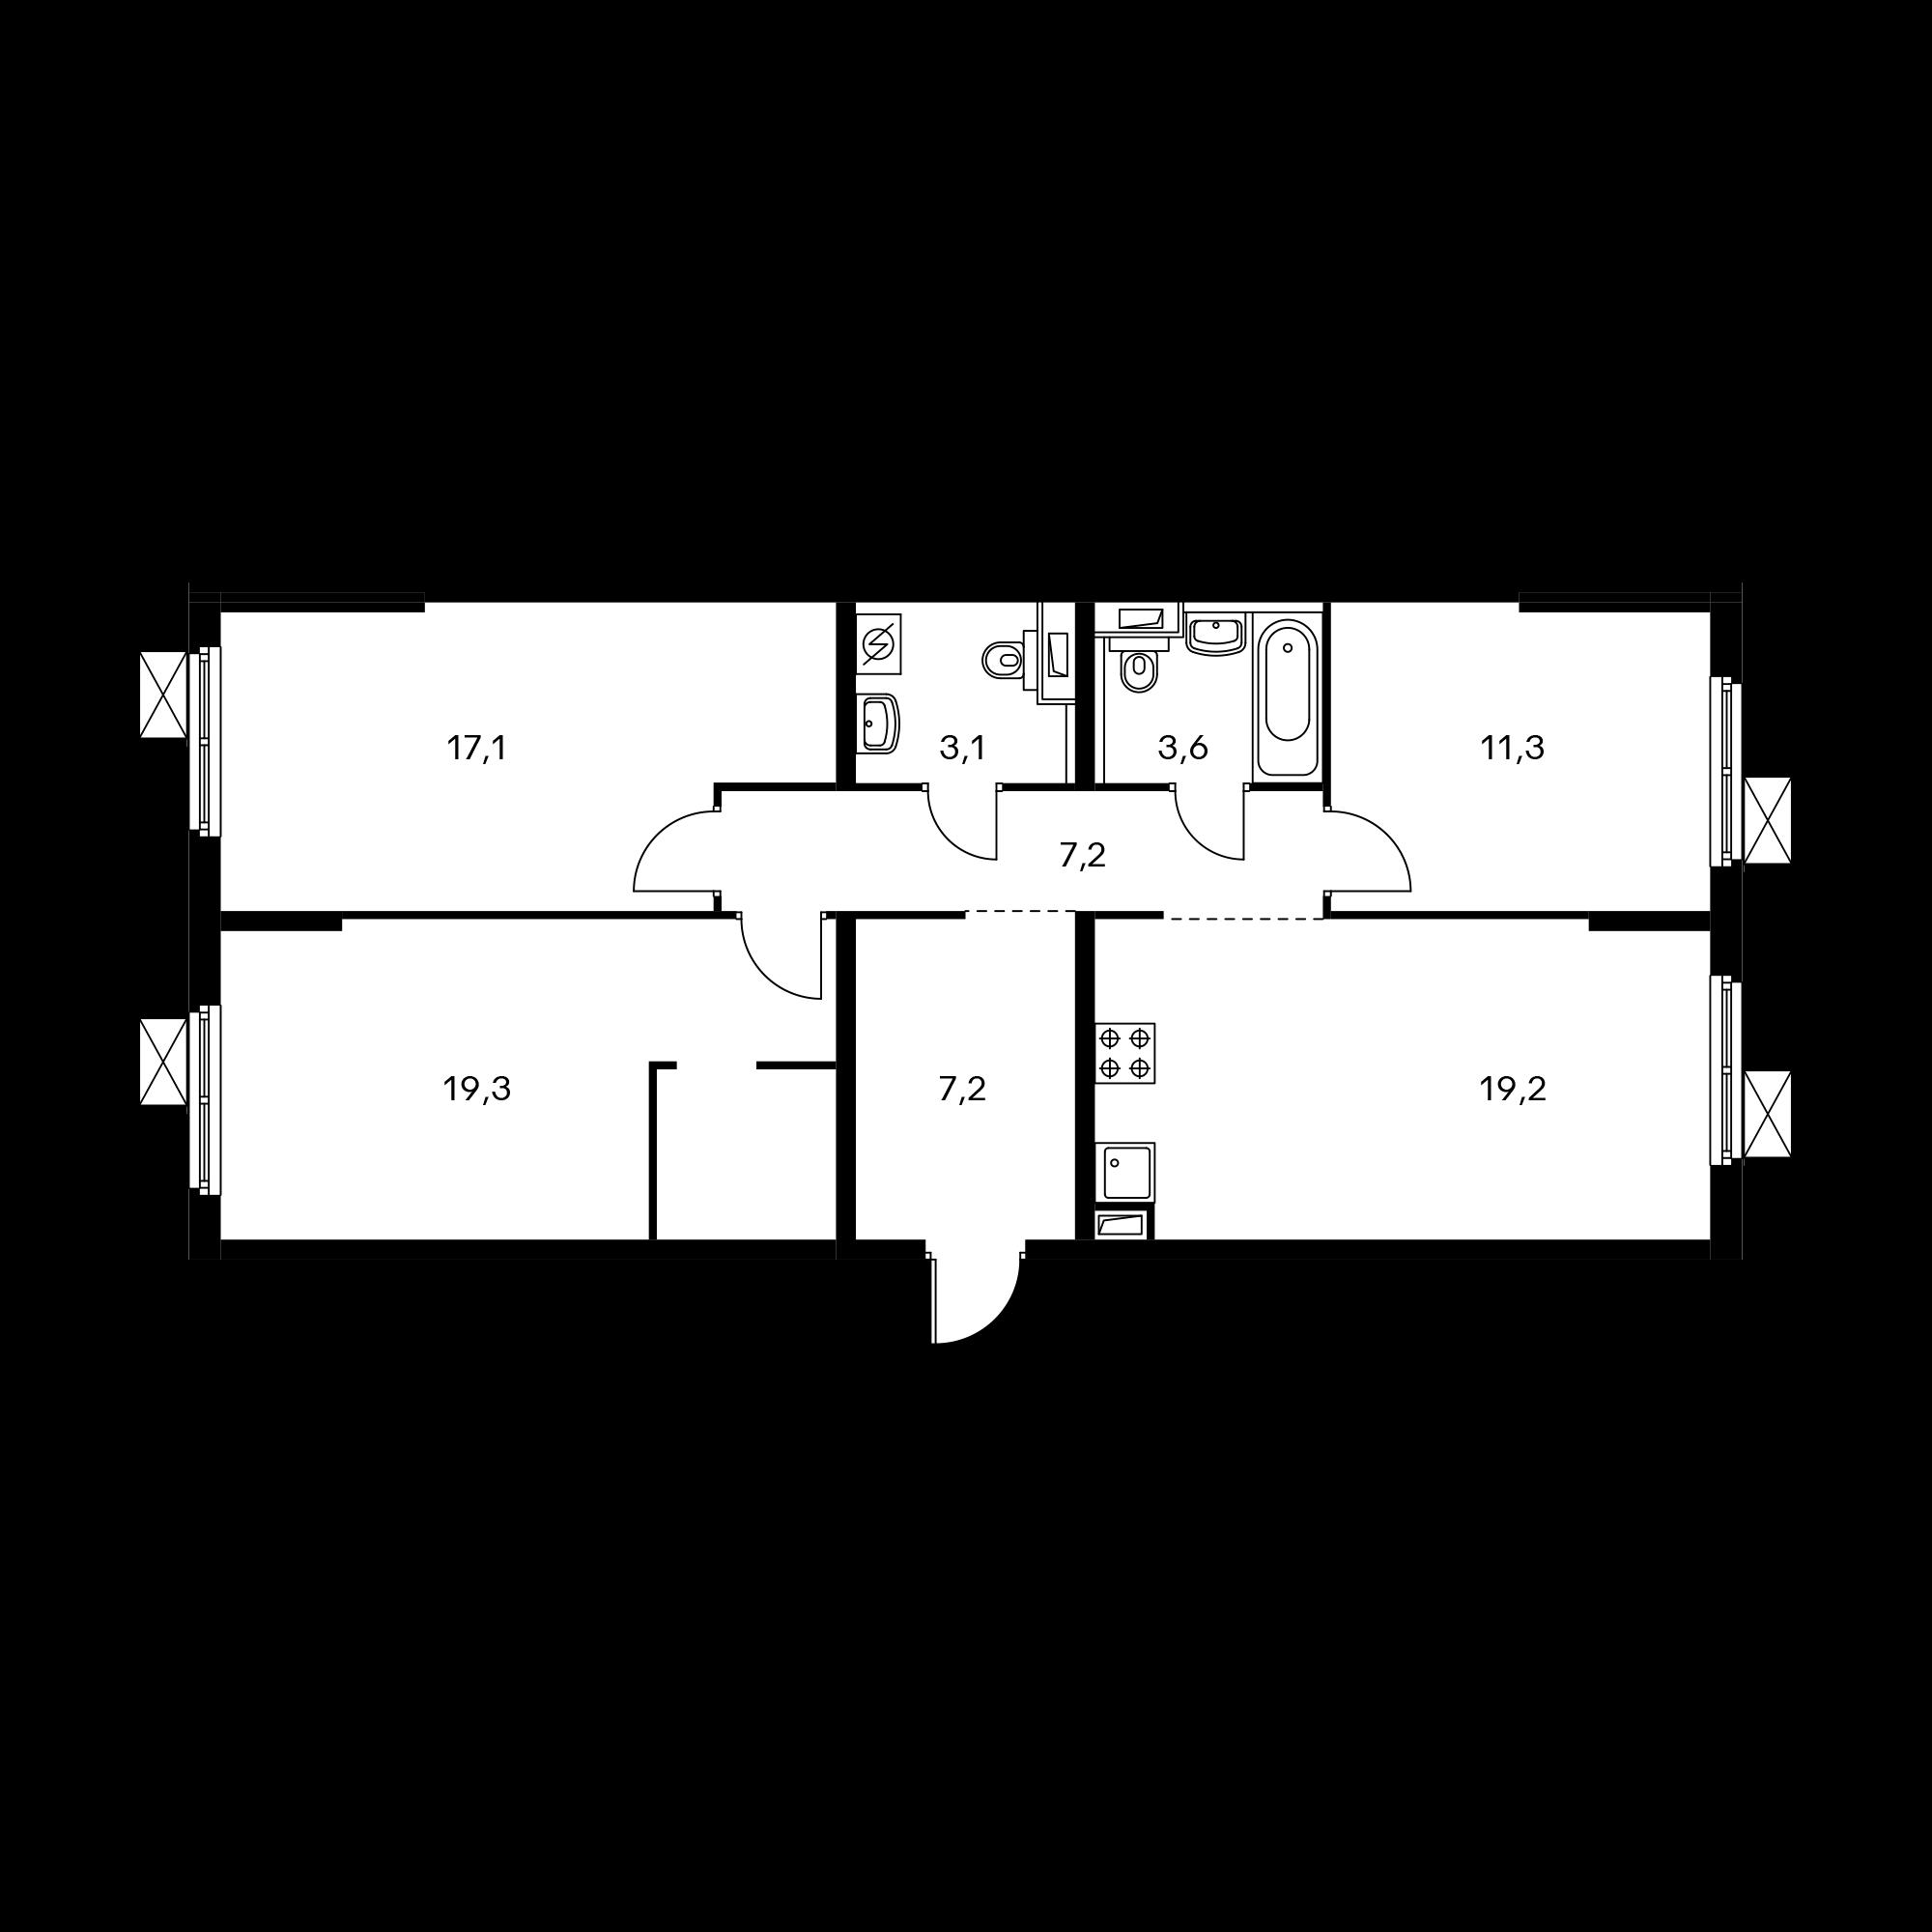 3EL11_6.6-1_S_A7